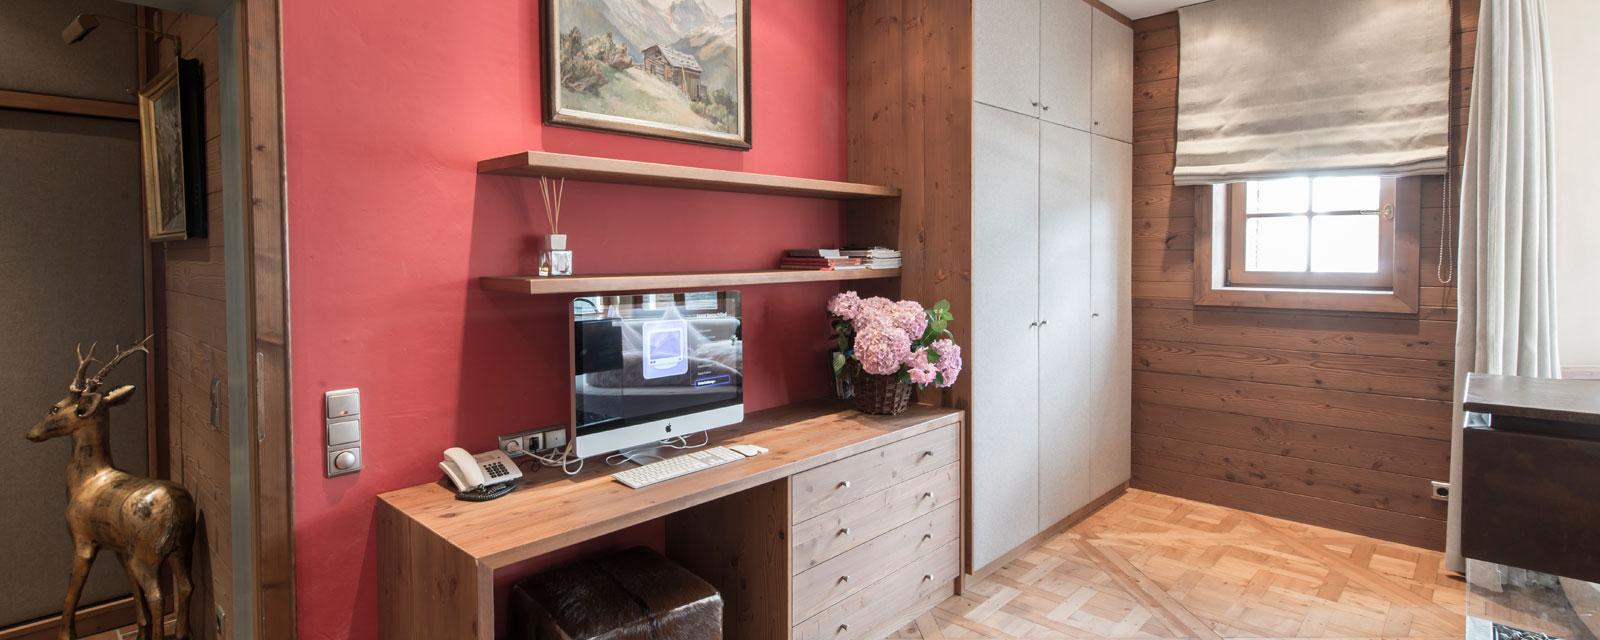 Wohnzimmerwand mit TV